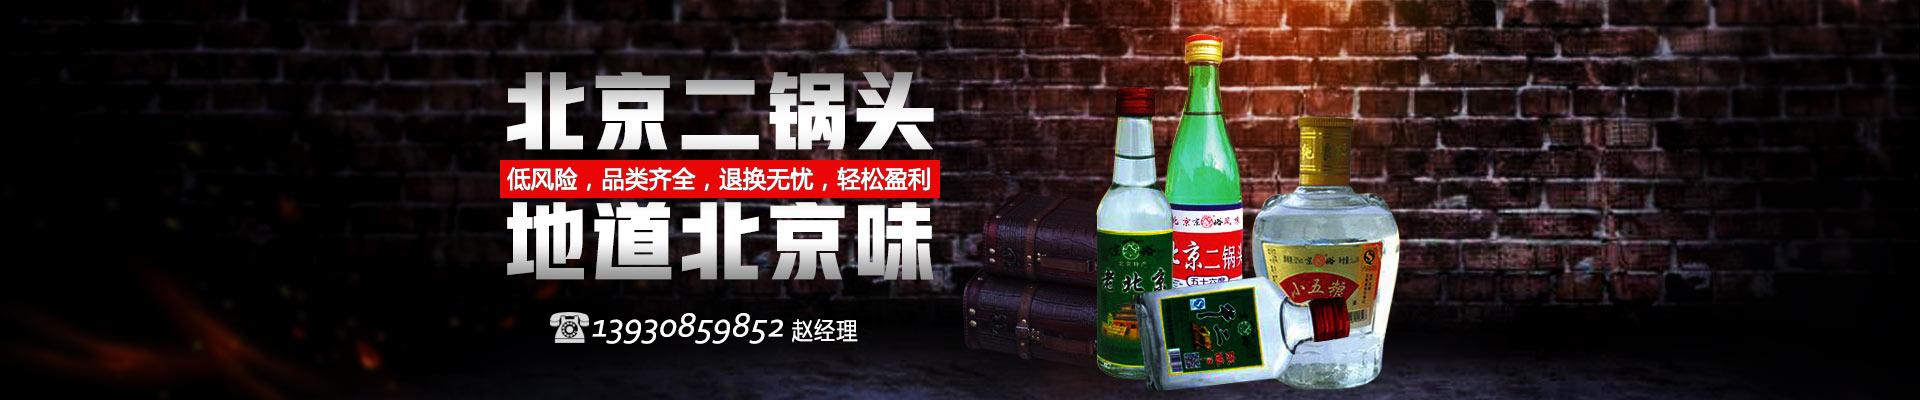 北京京煌府酒业有限公司